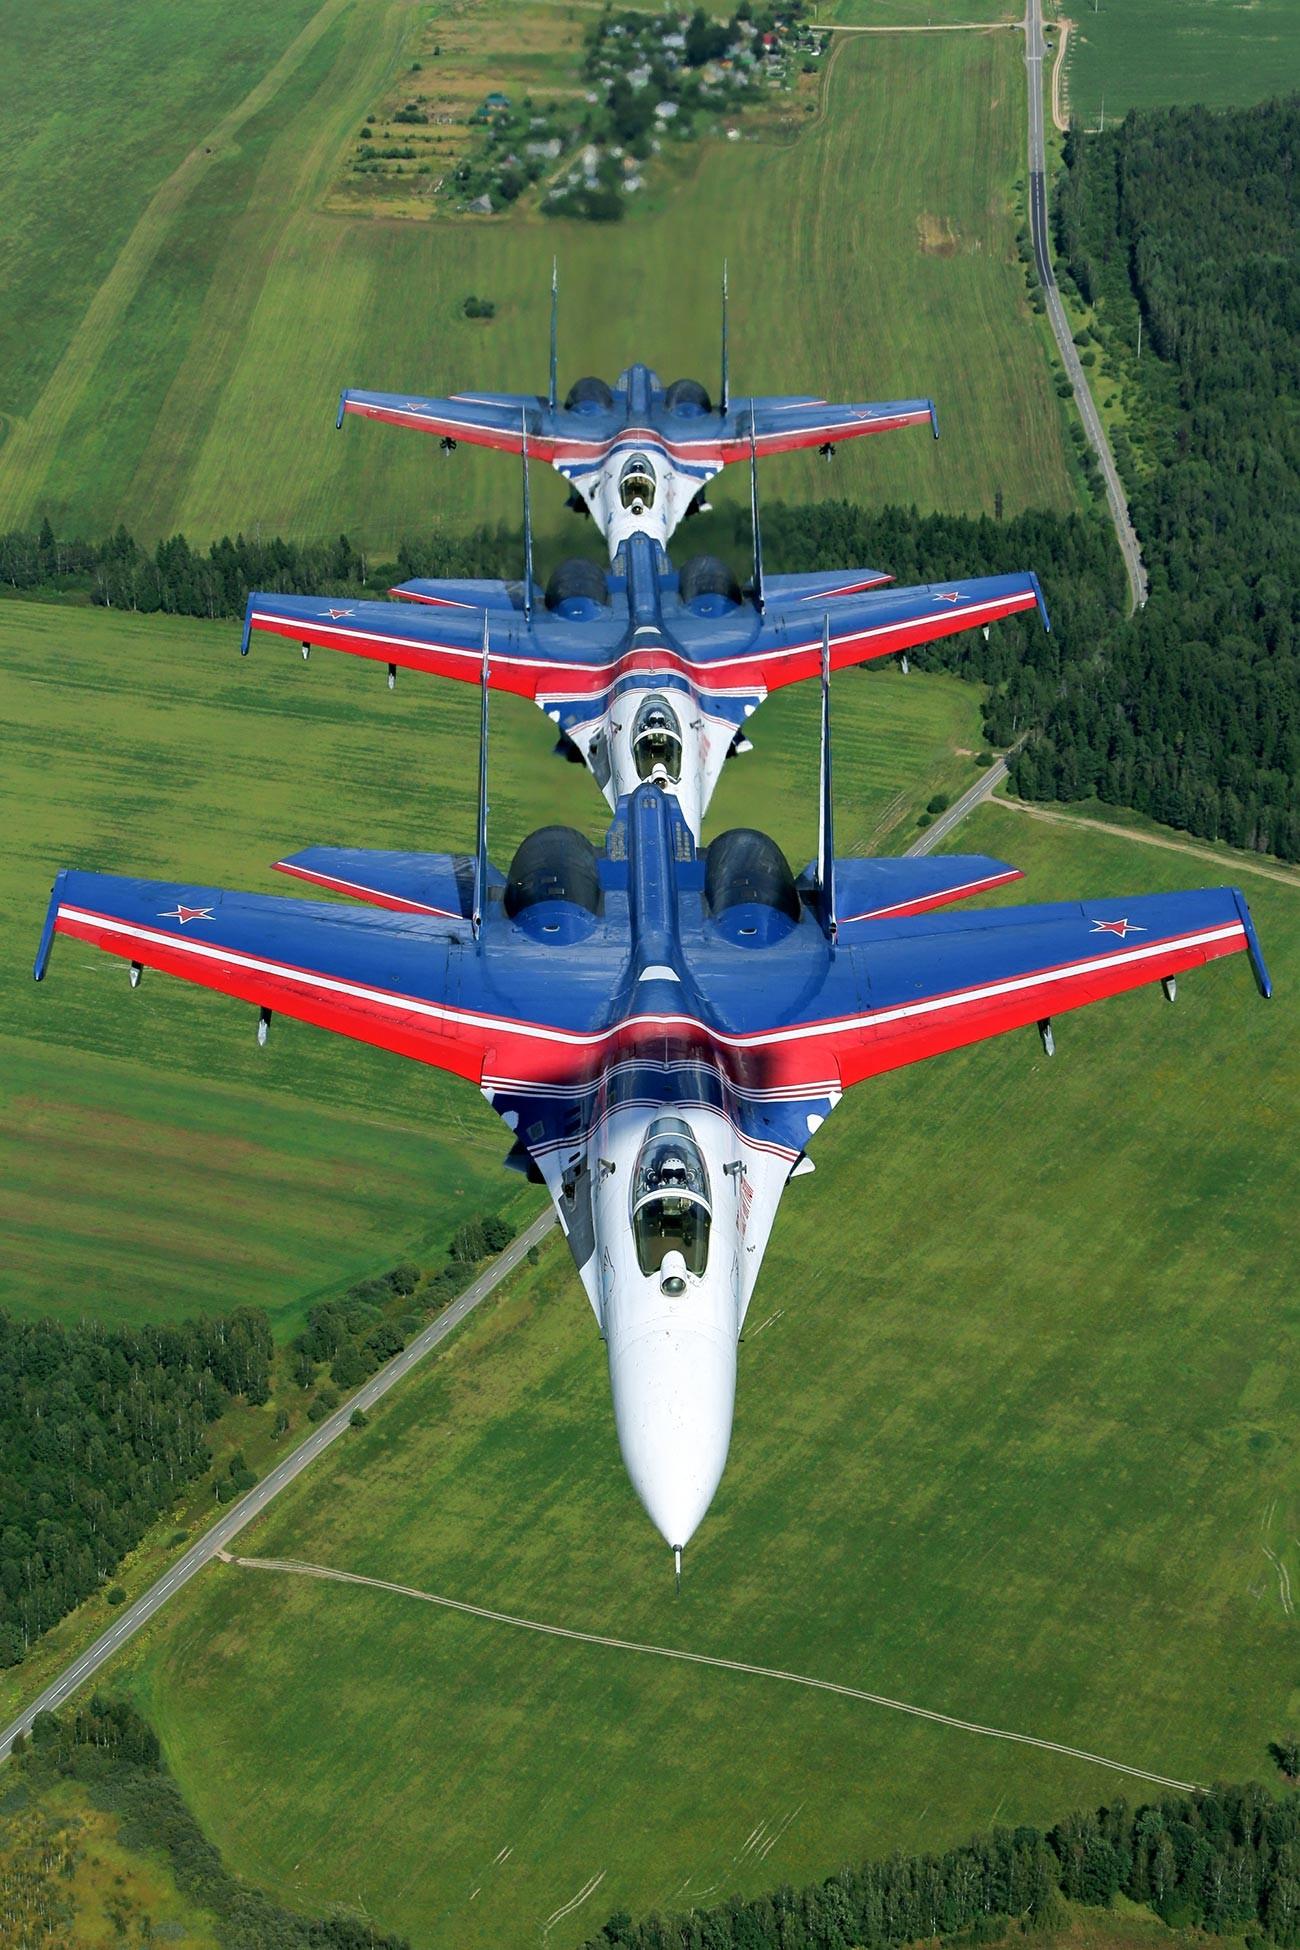 Lovci Su-27 pilotske akrobatske skupine Ruski vitezi